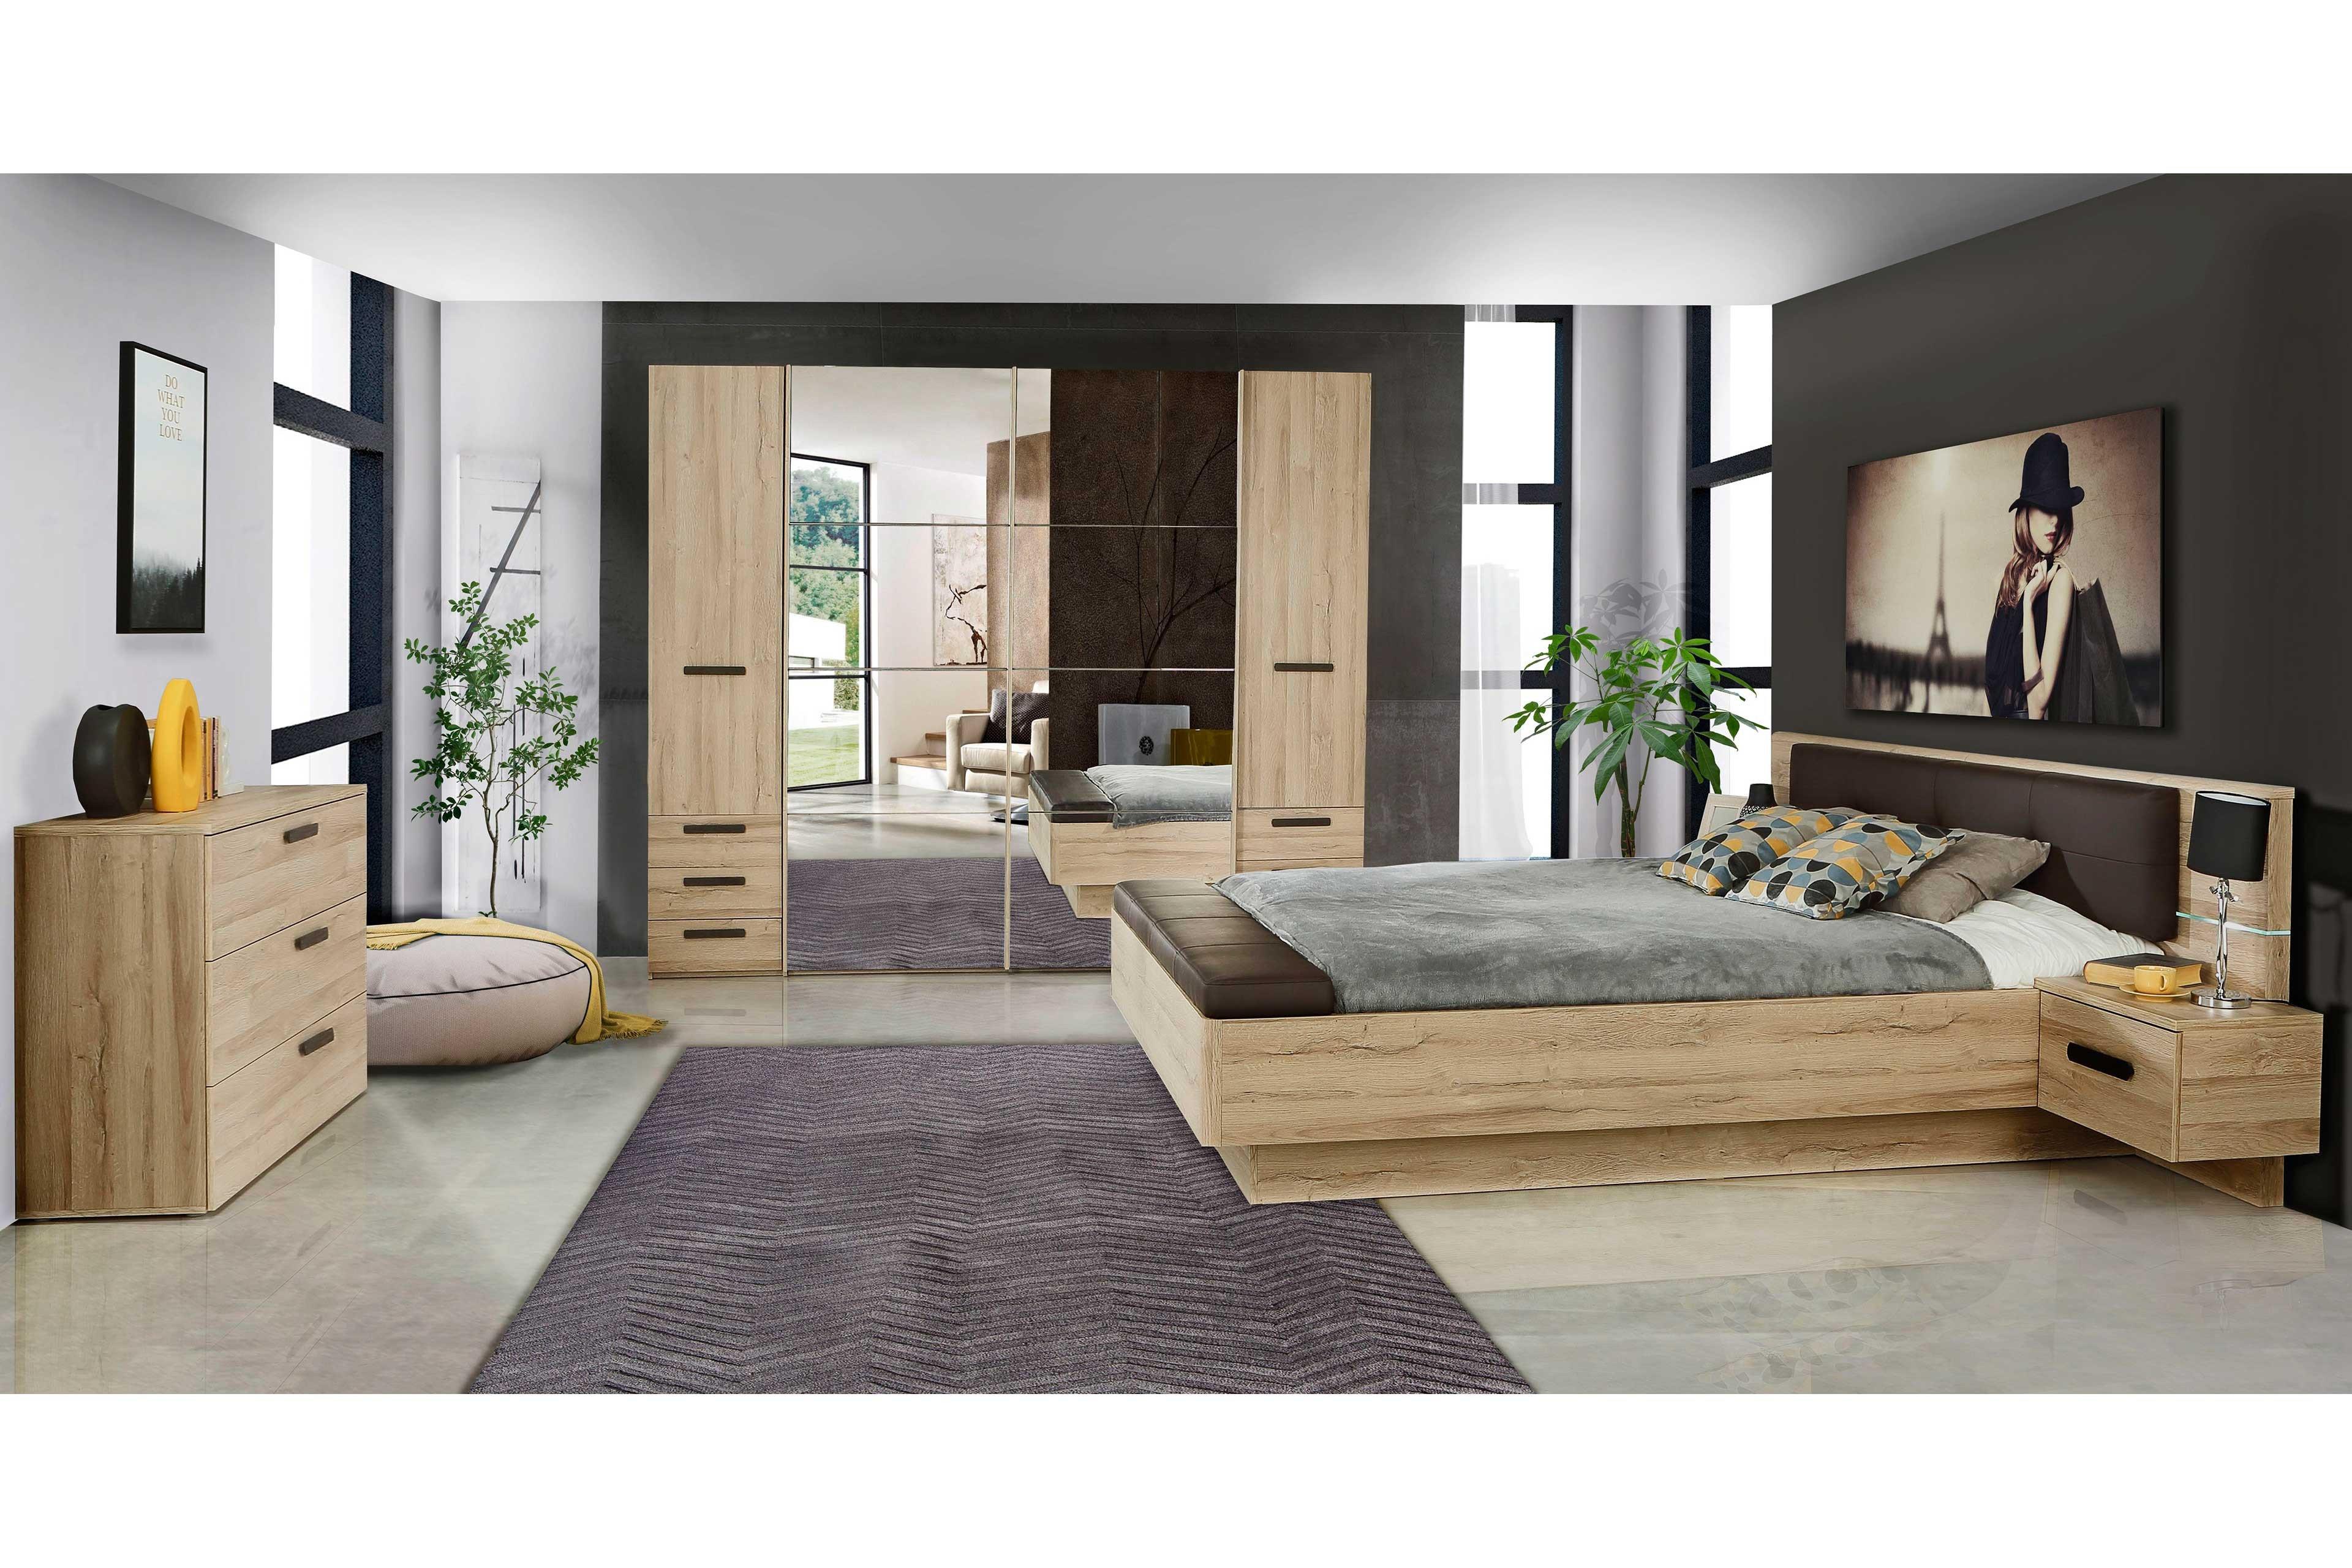 Ufus von Forte - Schlafzimmer-Set: Schrank & Bettanlage 180x200